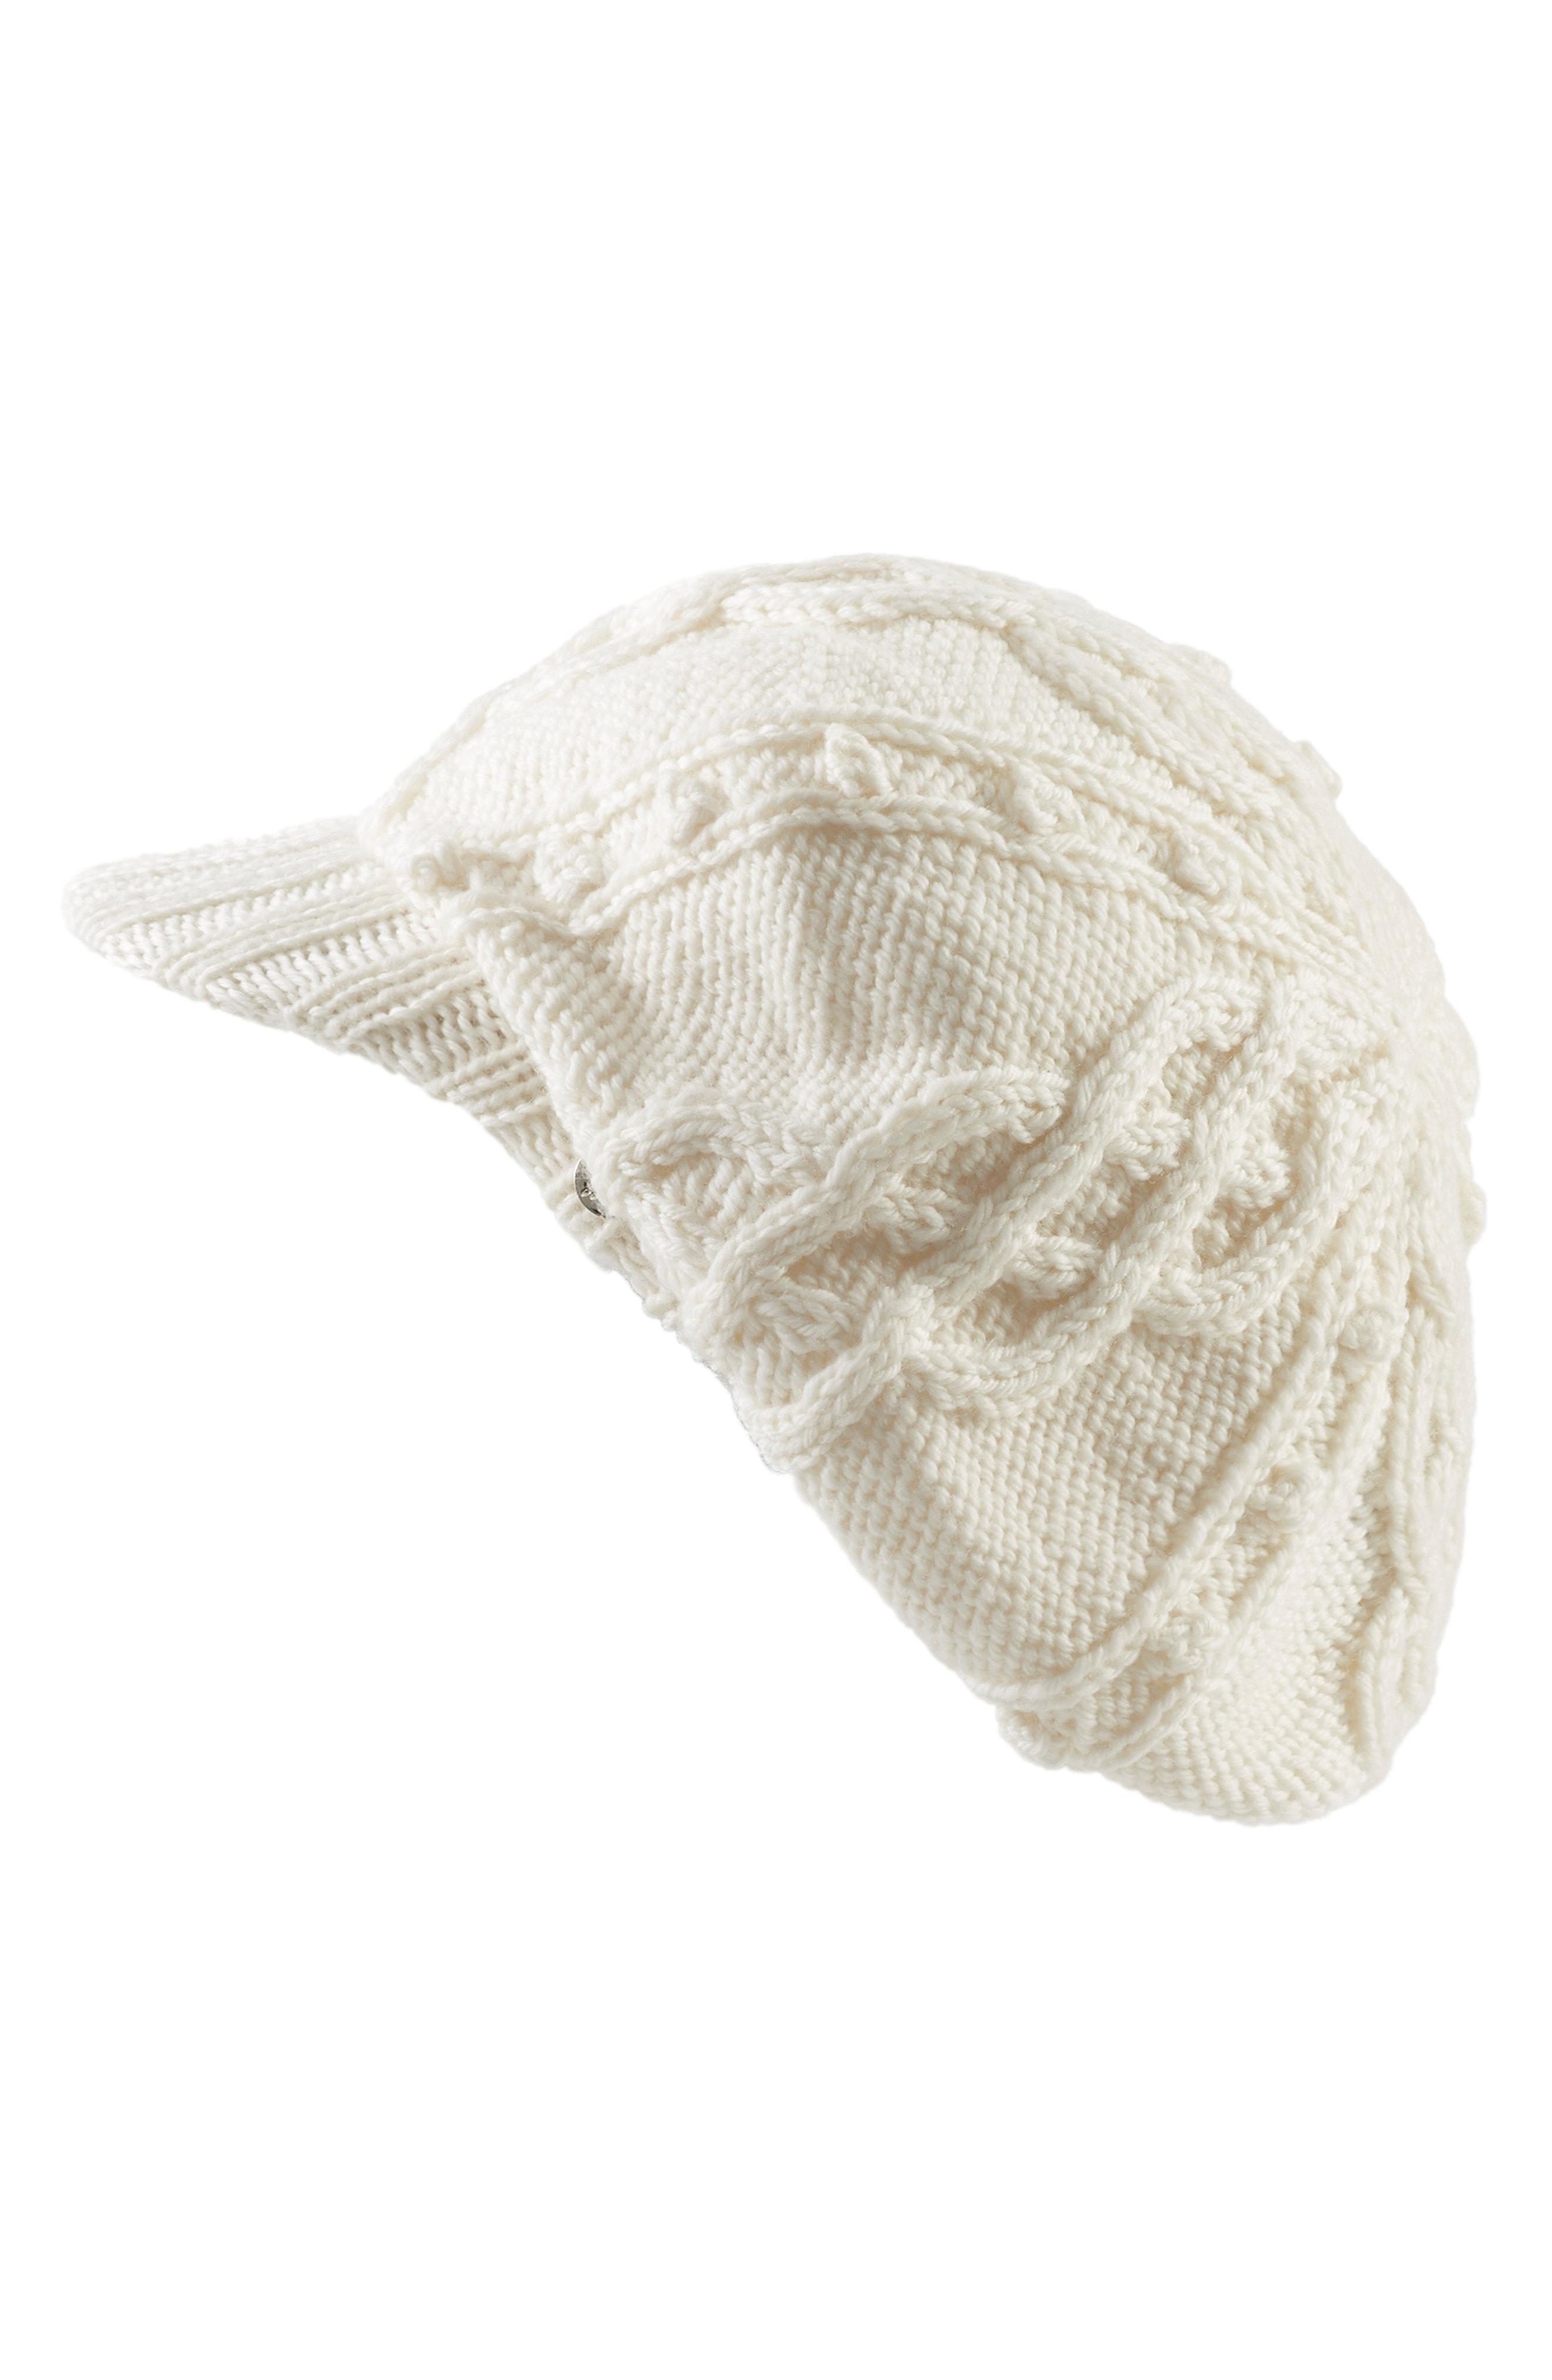 Lyst - Helen Kaminski Knit Merino Wool Baker Boy Cap in Natural 5d047684f334